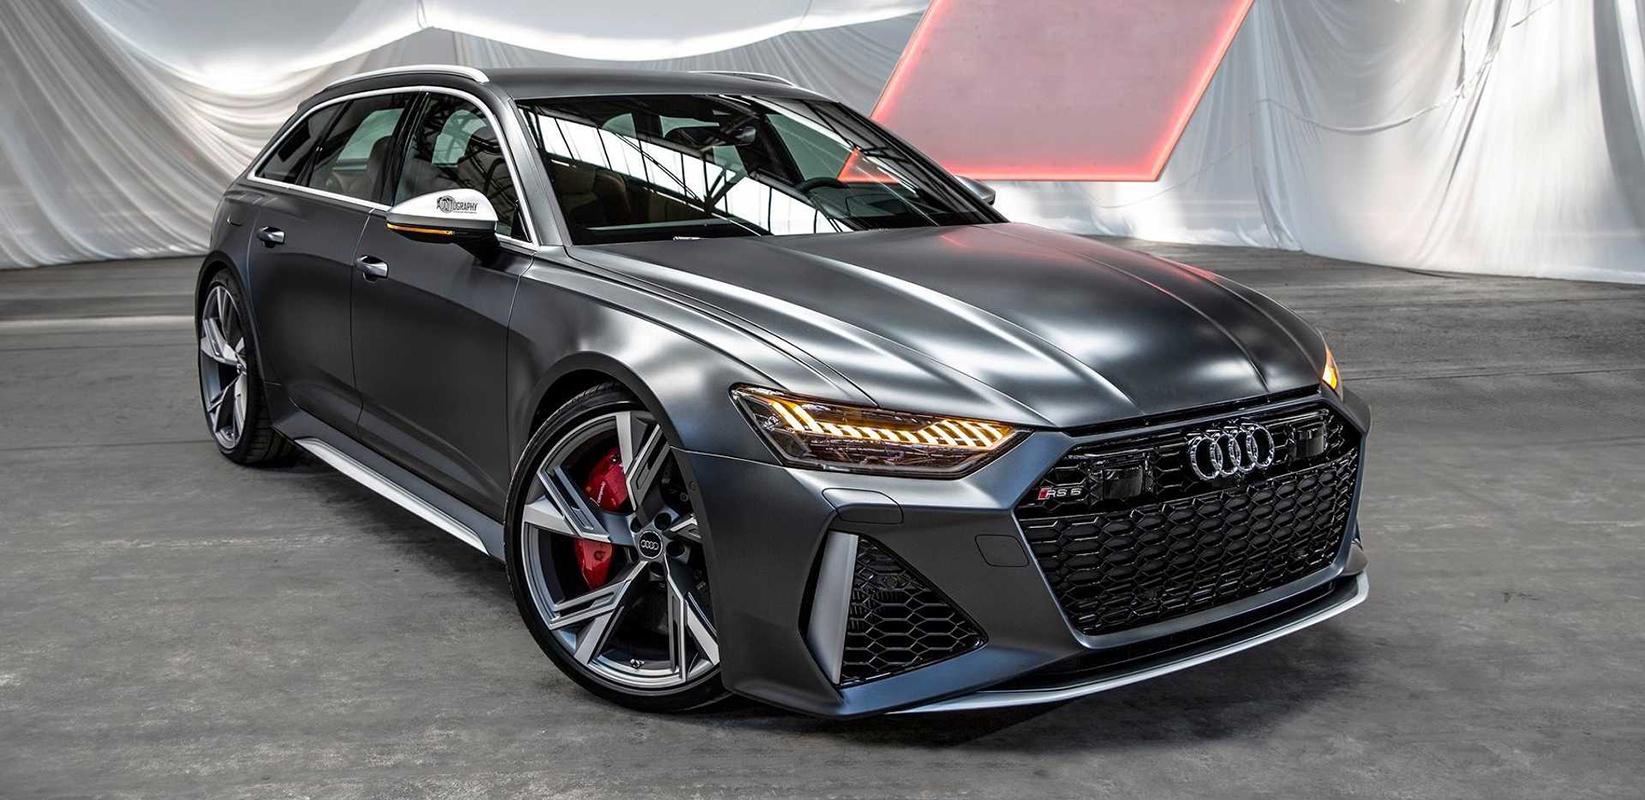 Audi RS6 Avant lần đầu ra mắt tại Mỹ kỷ niệm 25 năm dòng xe RS của Audi - 3